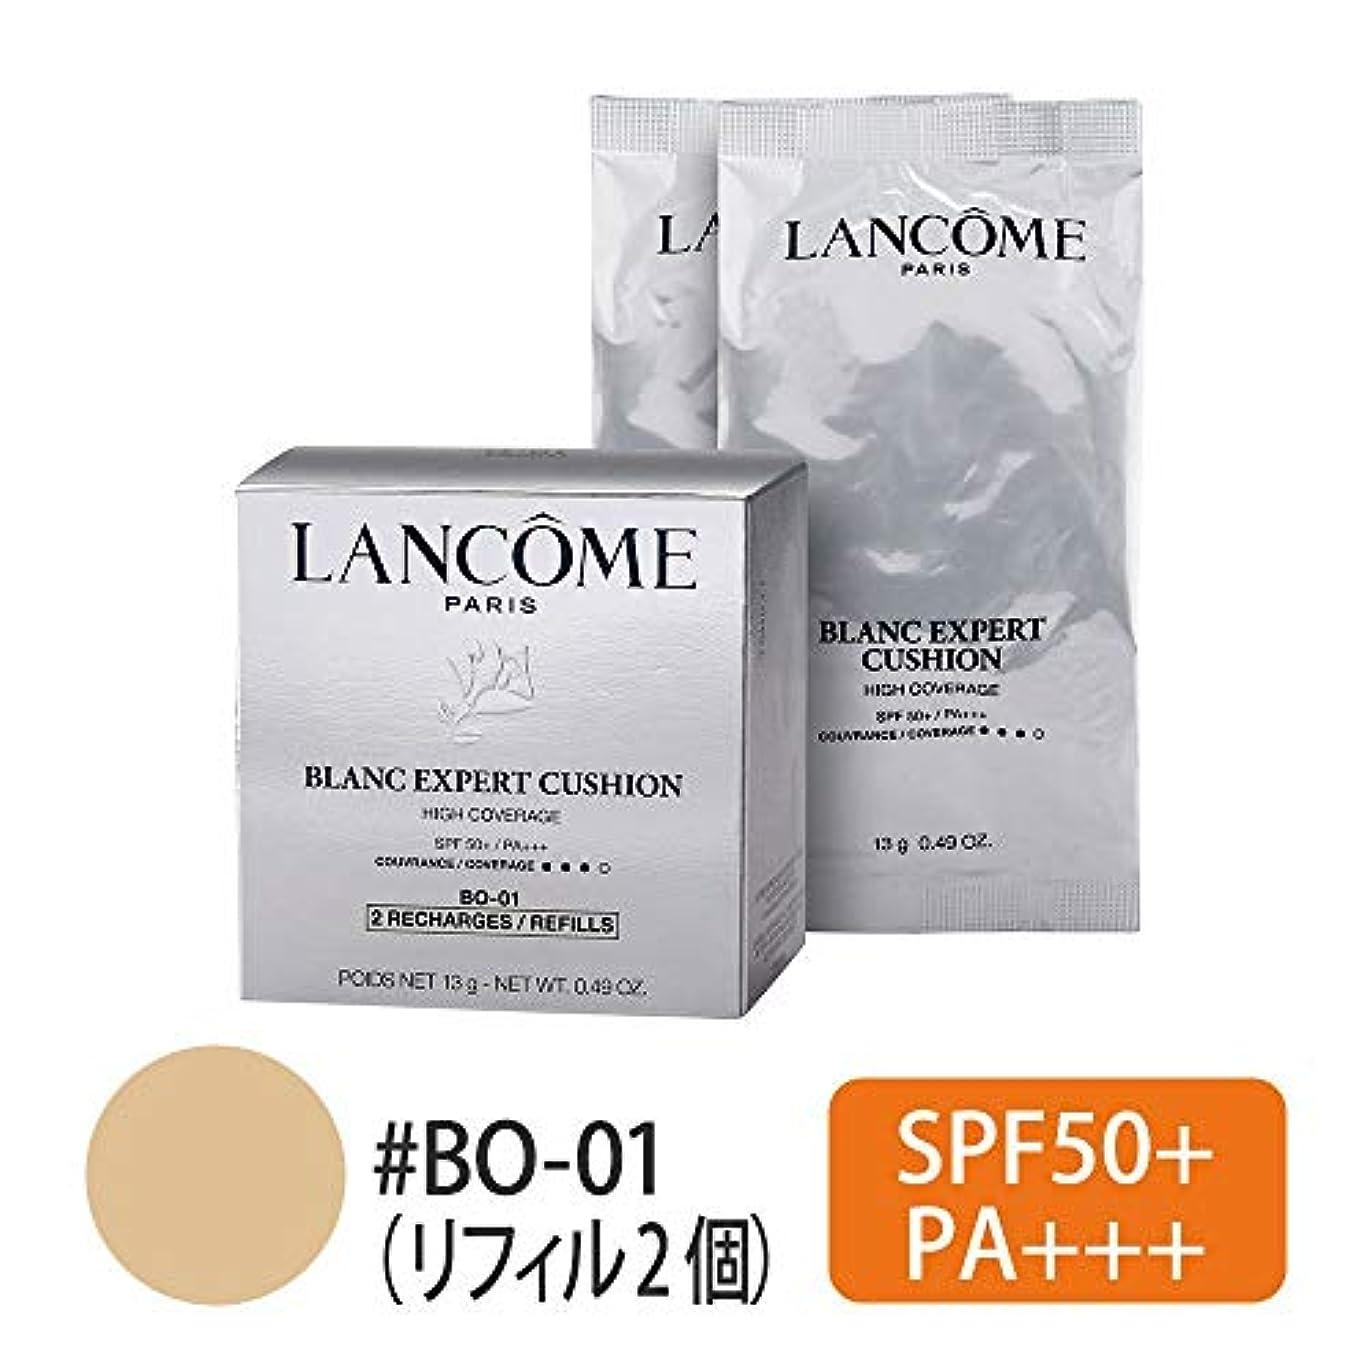 瞳義務バンジージャンプランコム(LANCOME) ブラン エクスペール クッション コンパクト H (レフィル2個) #BO-01 SPF50+/PA+++ 13gx2[並行輸入品]